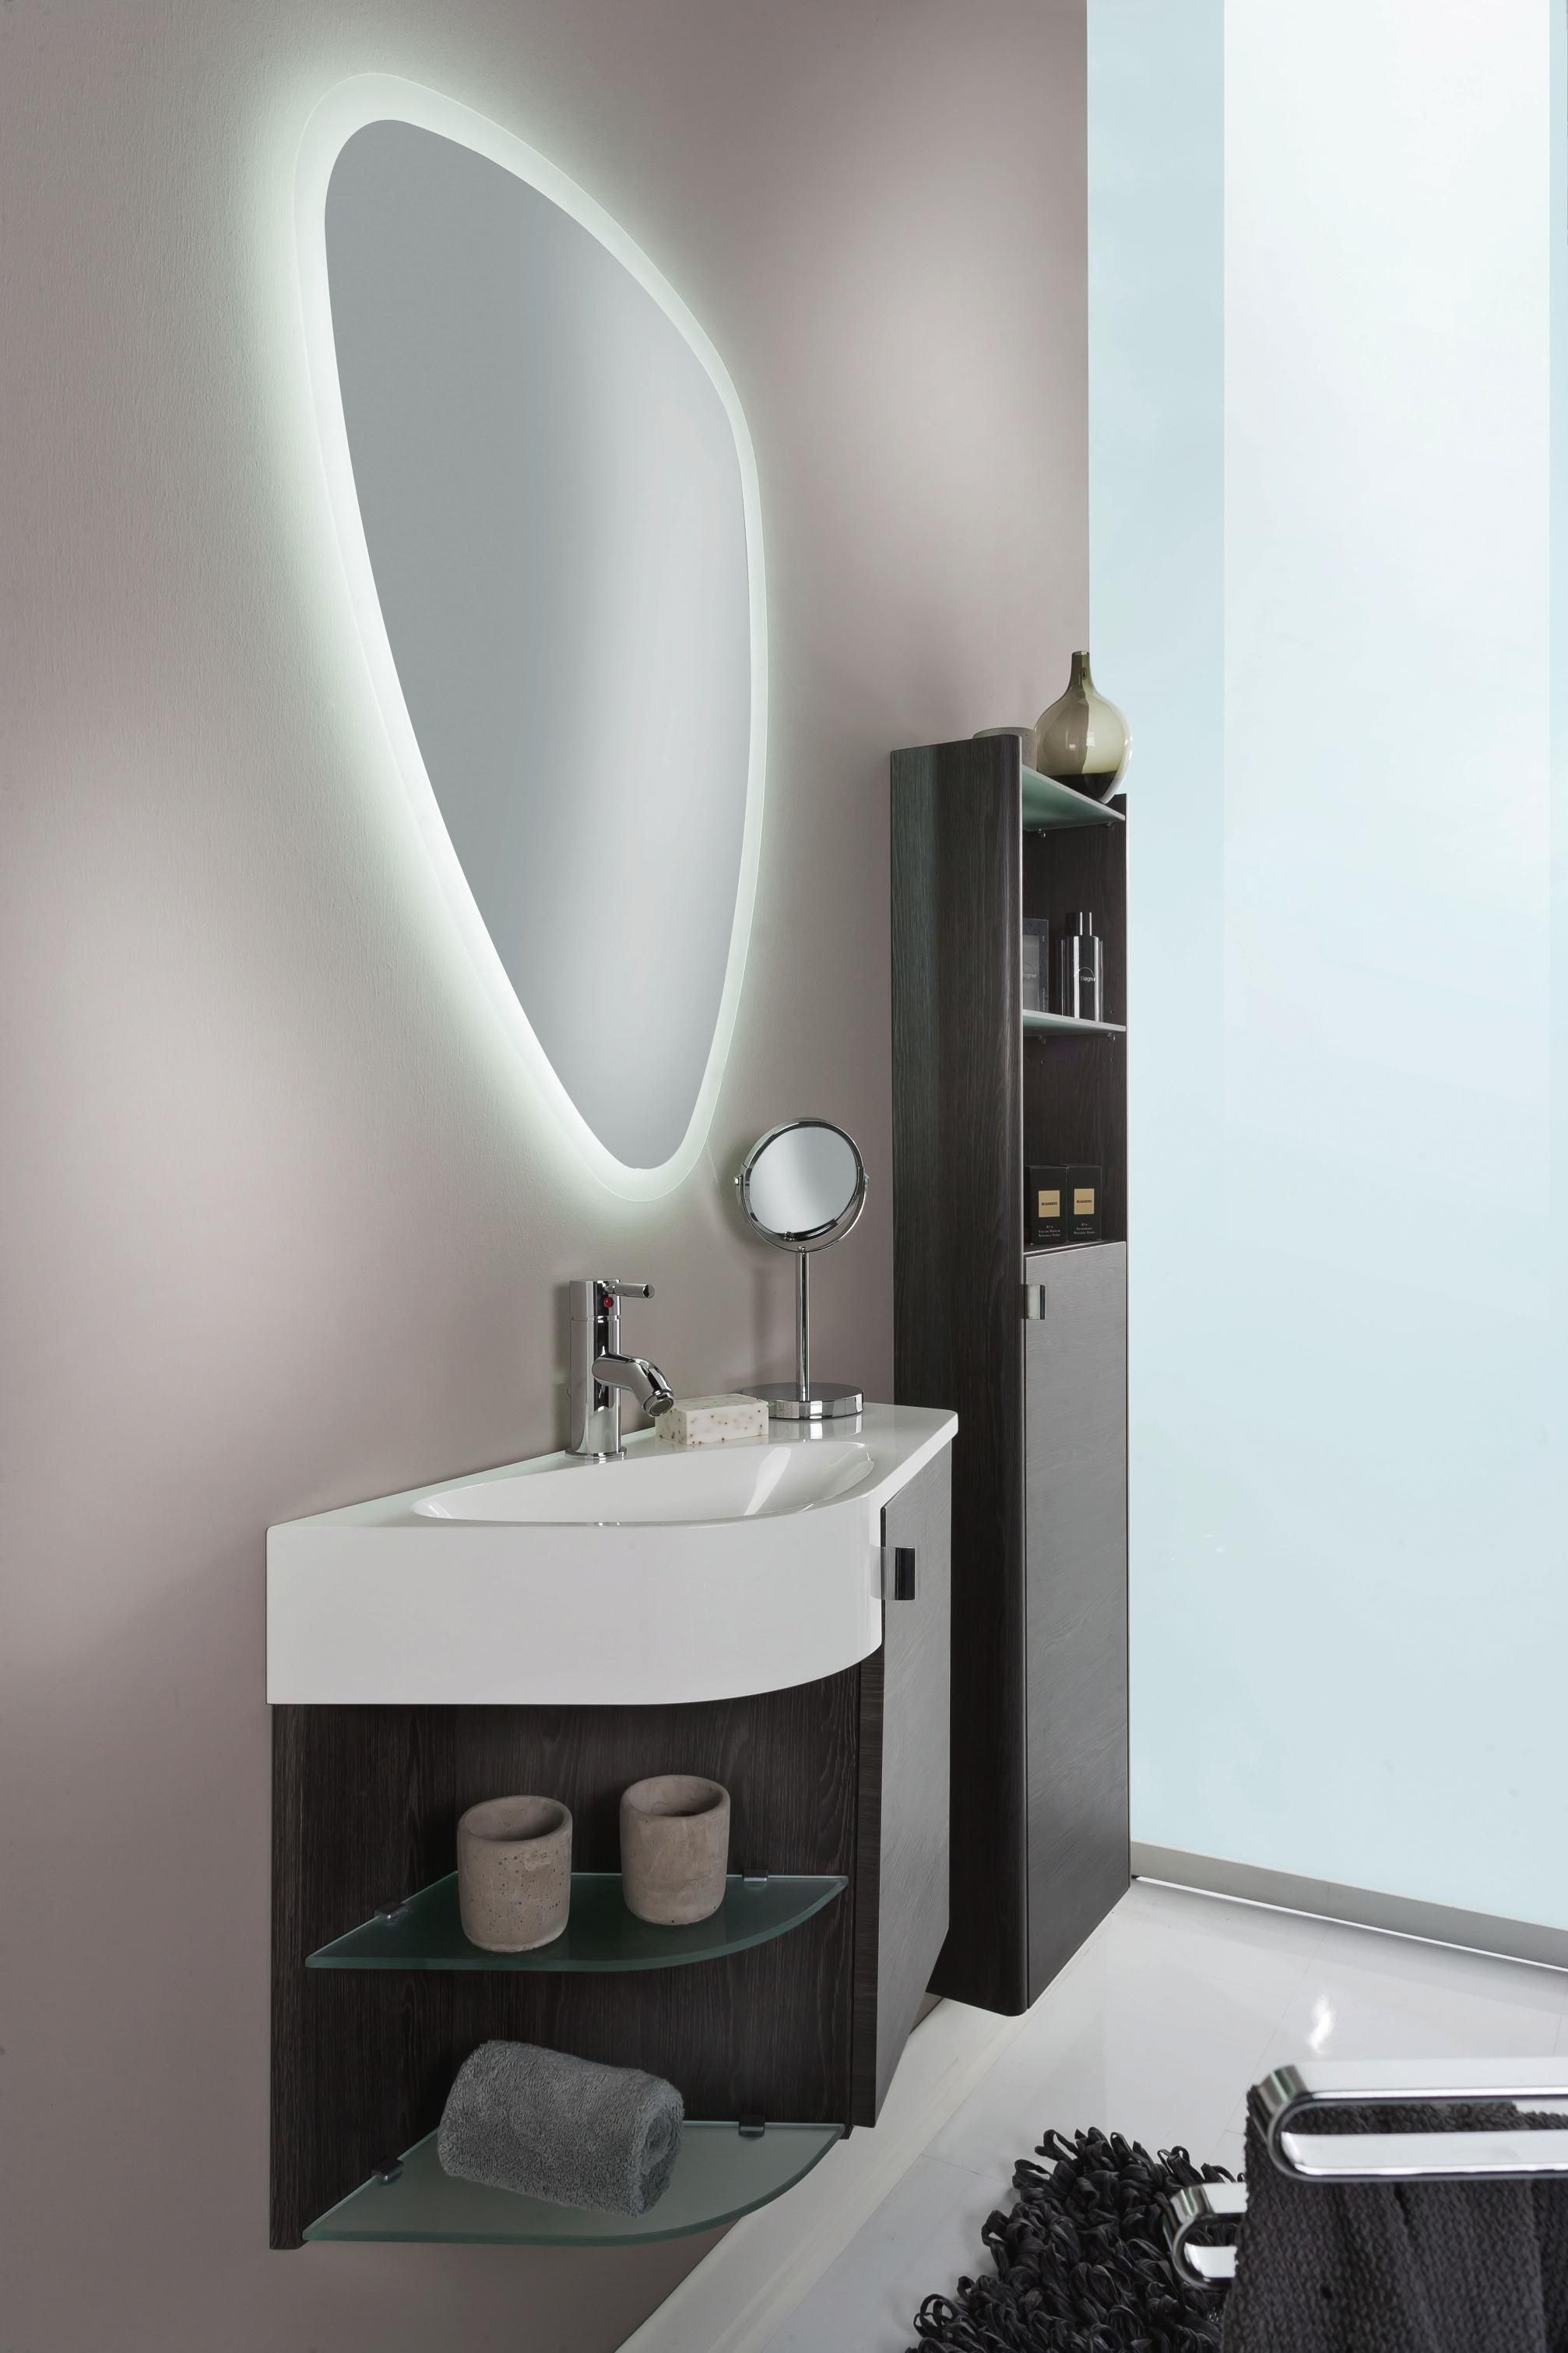 Gastebad Online Kaufen Xxxlutz Badezimmer Waschbecken Badezimmer Waschbecken